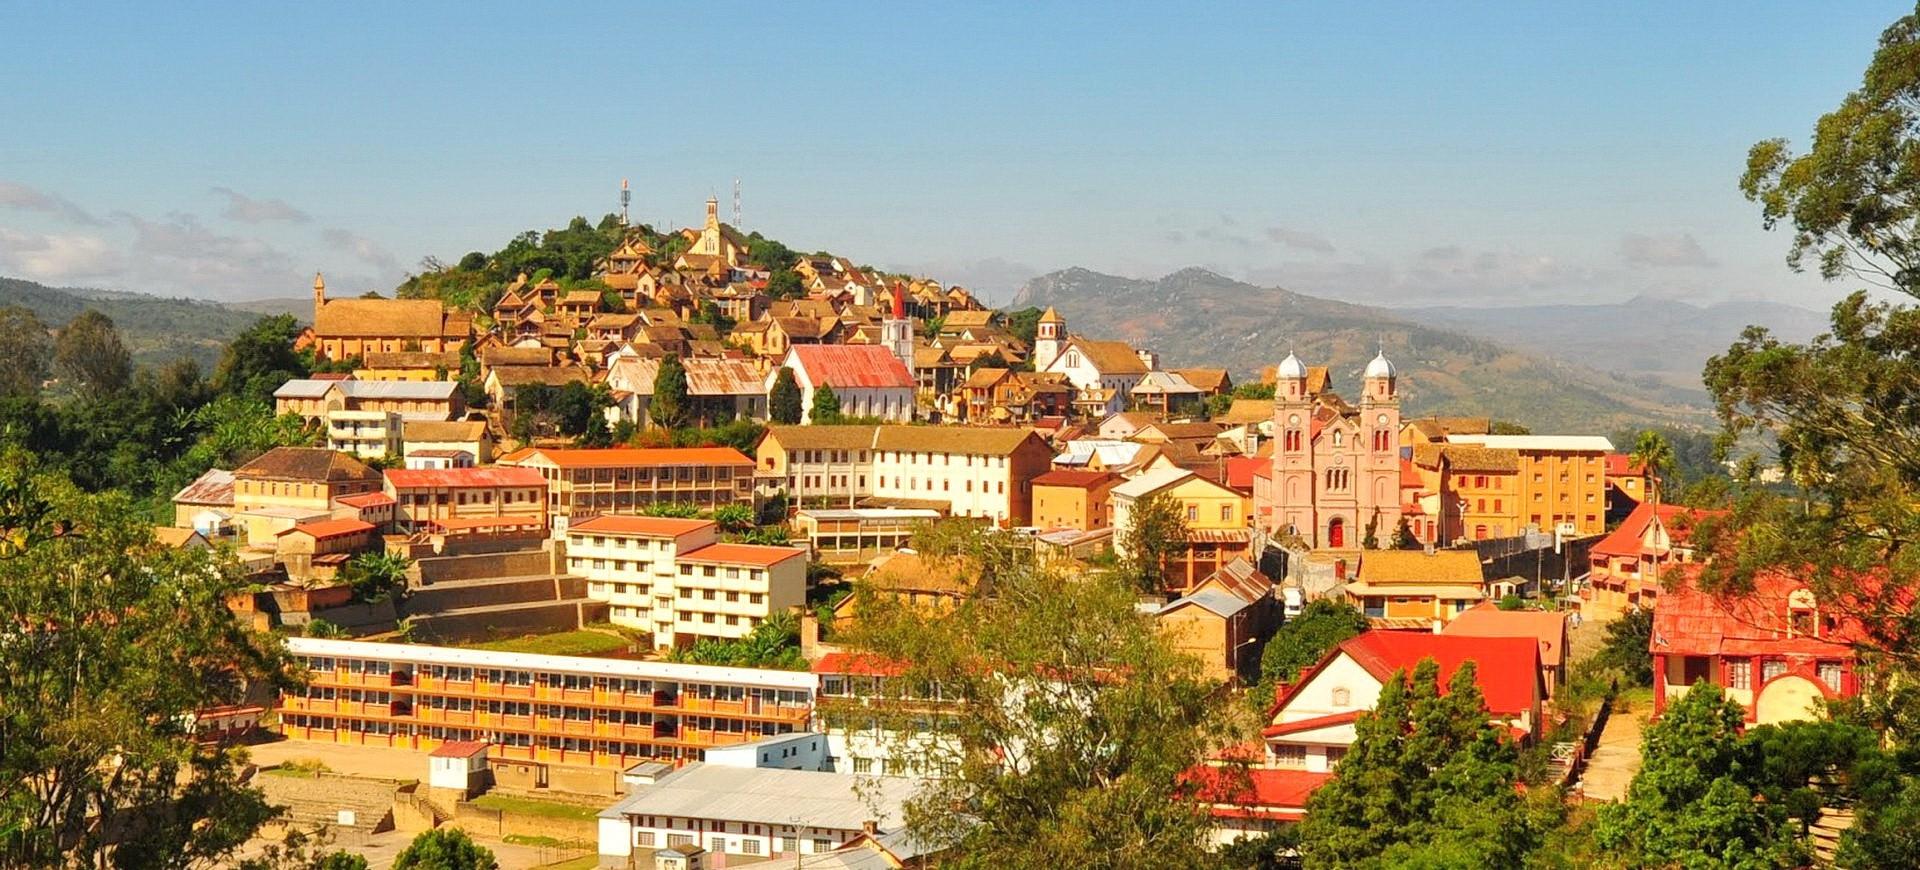 Vue panoramique sur la ville de Fianarantosa